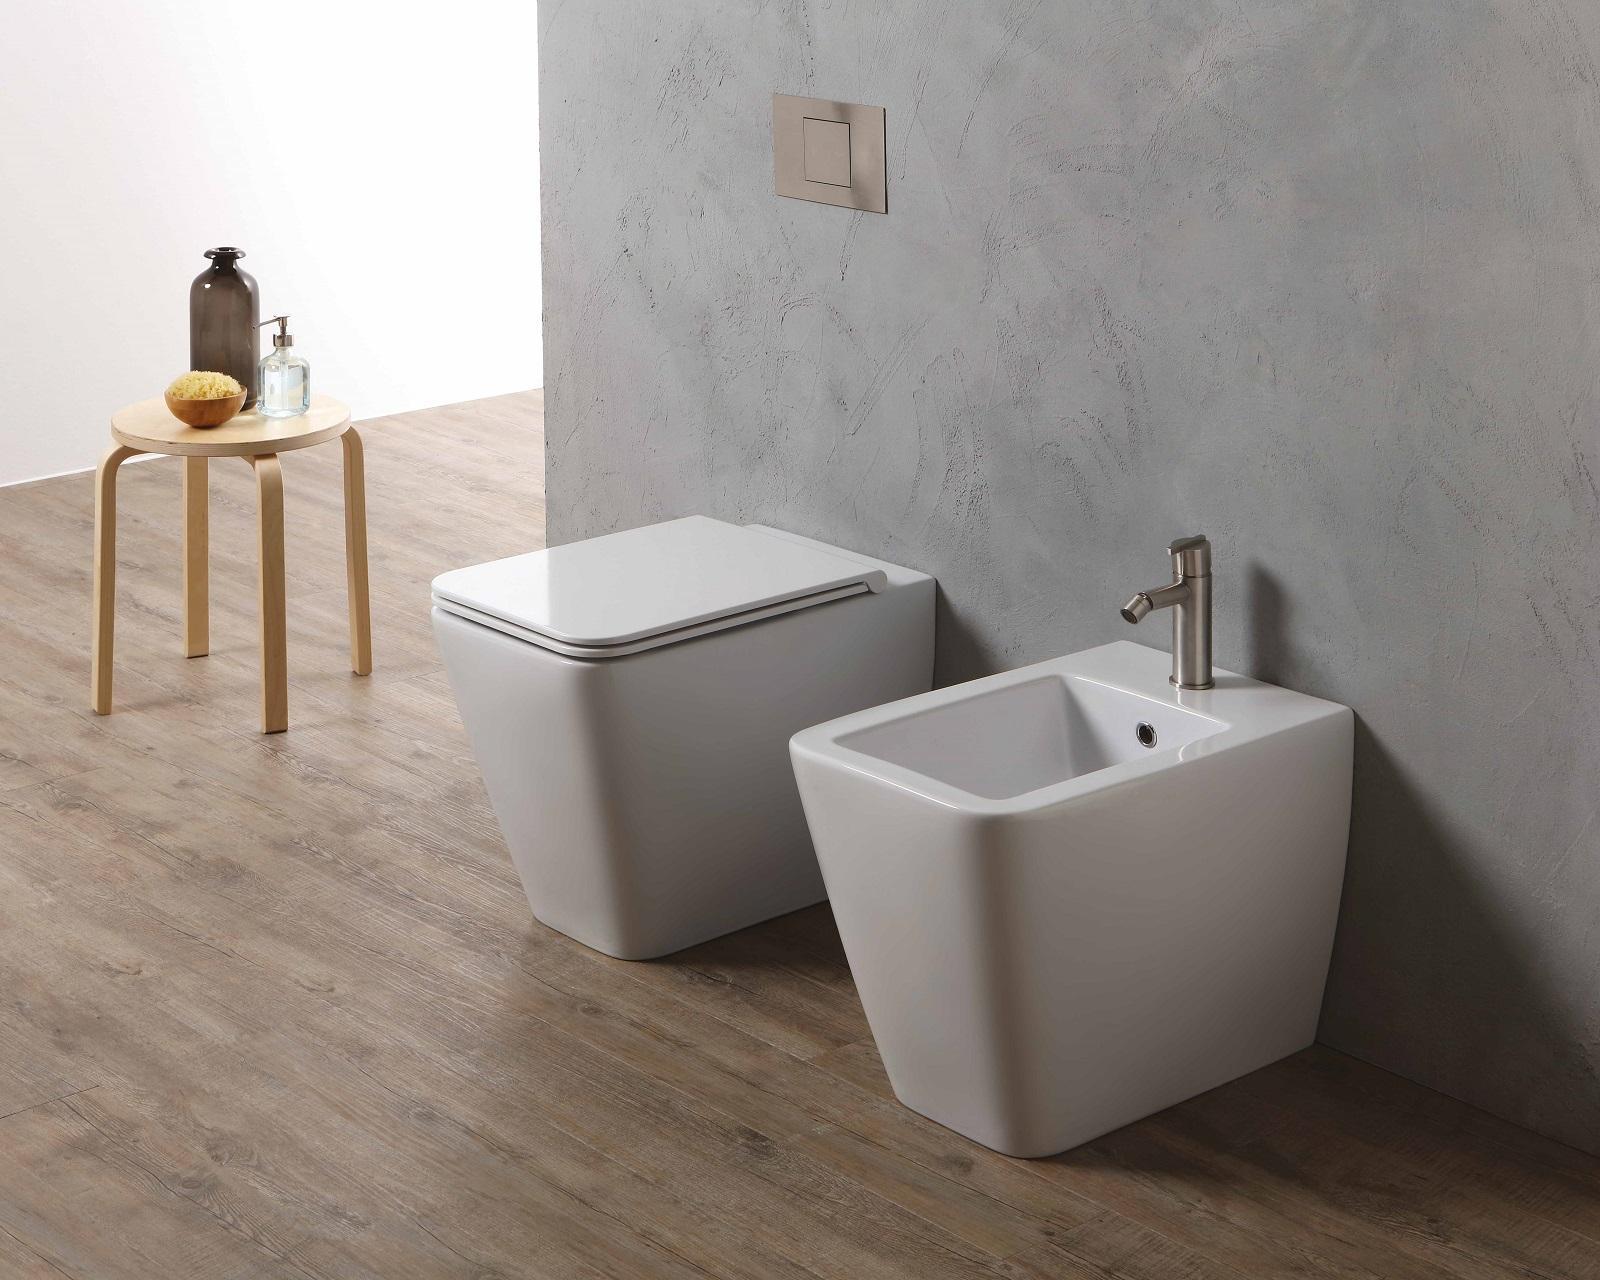 Scarico Water A Muro i moderni vasi senza brida hanno conquistato il bagno.